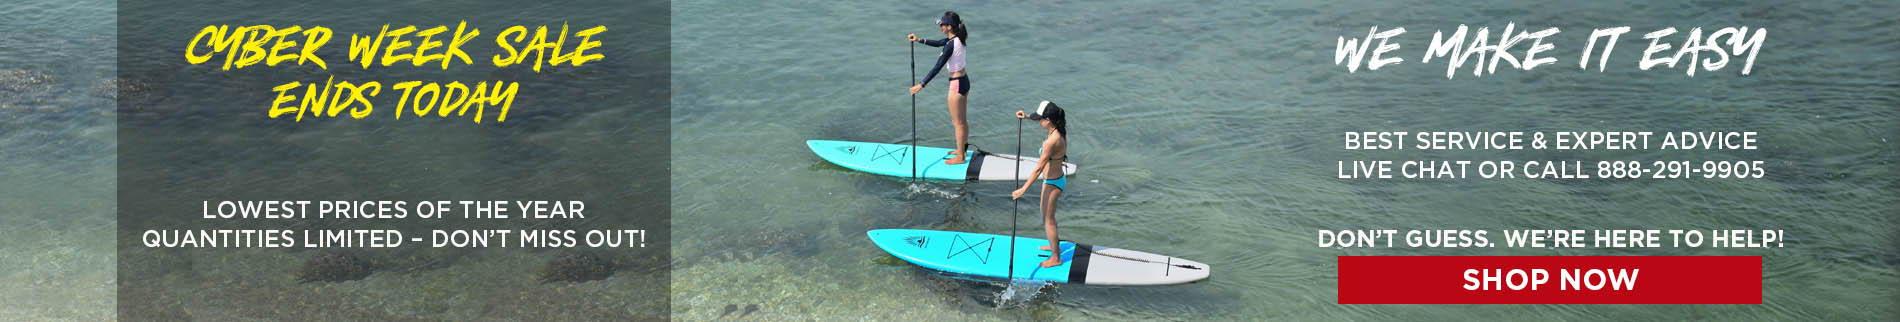 women paddle boarding